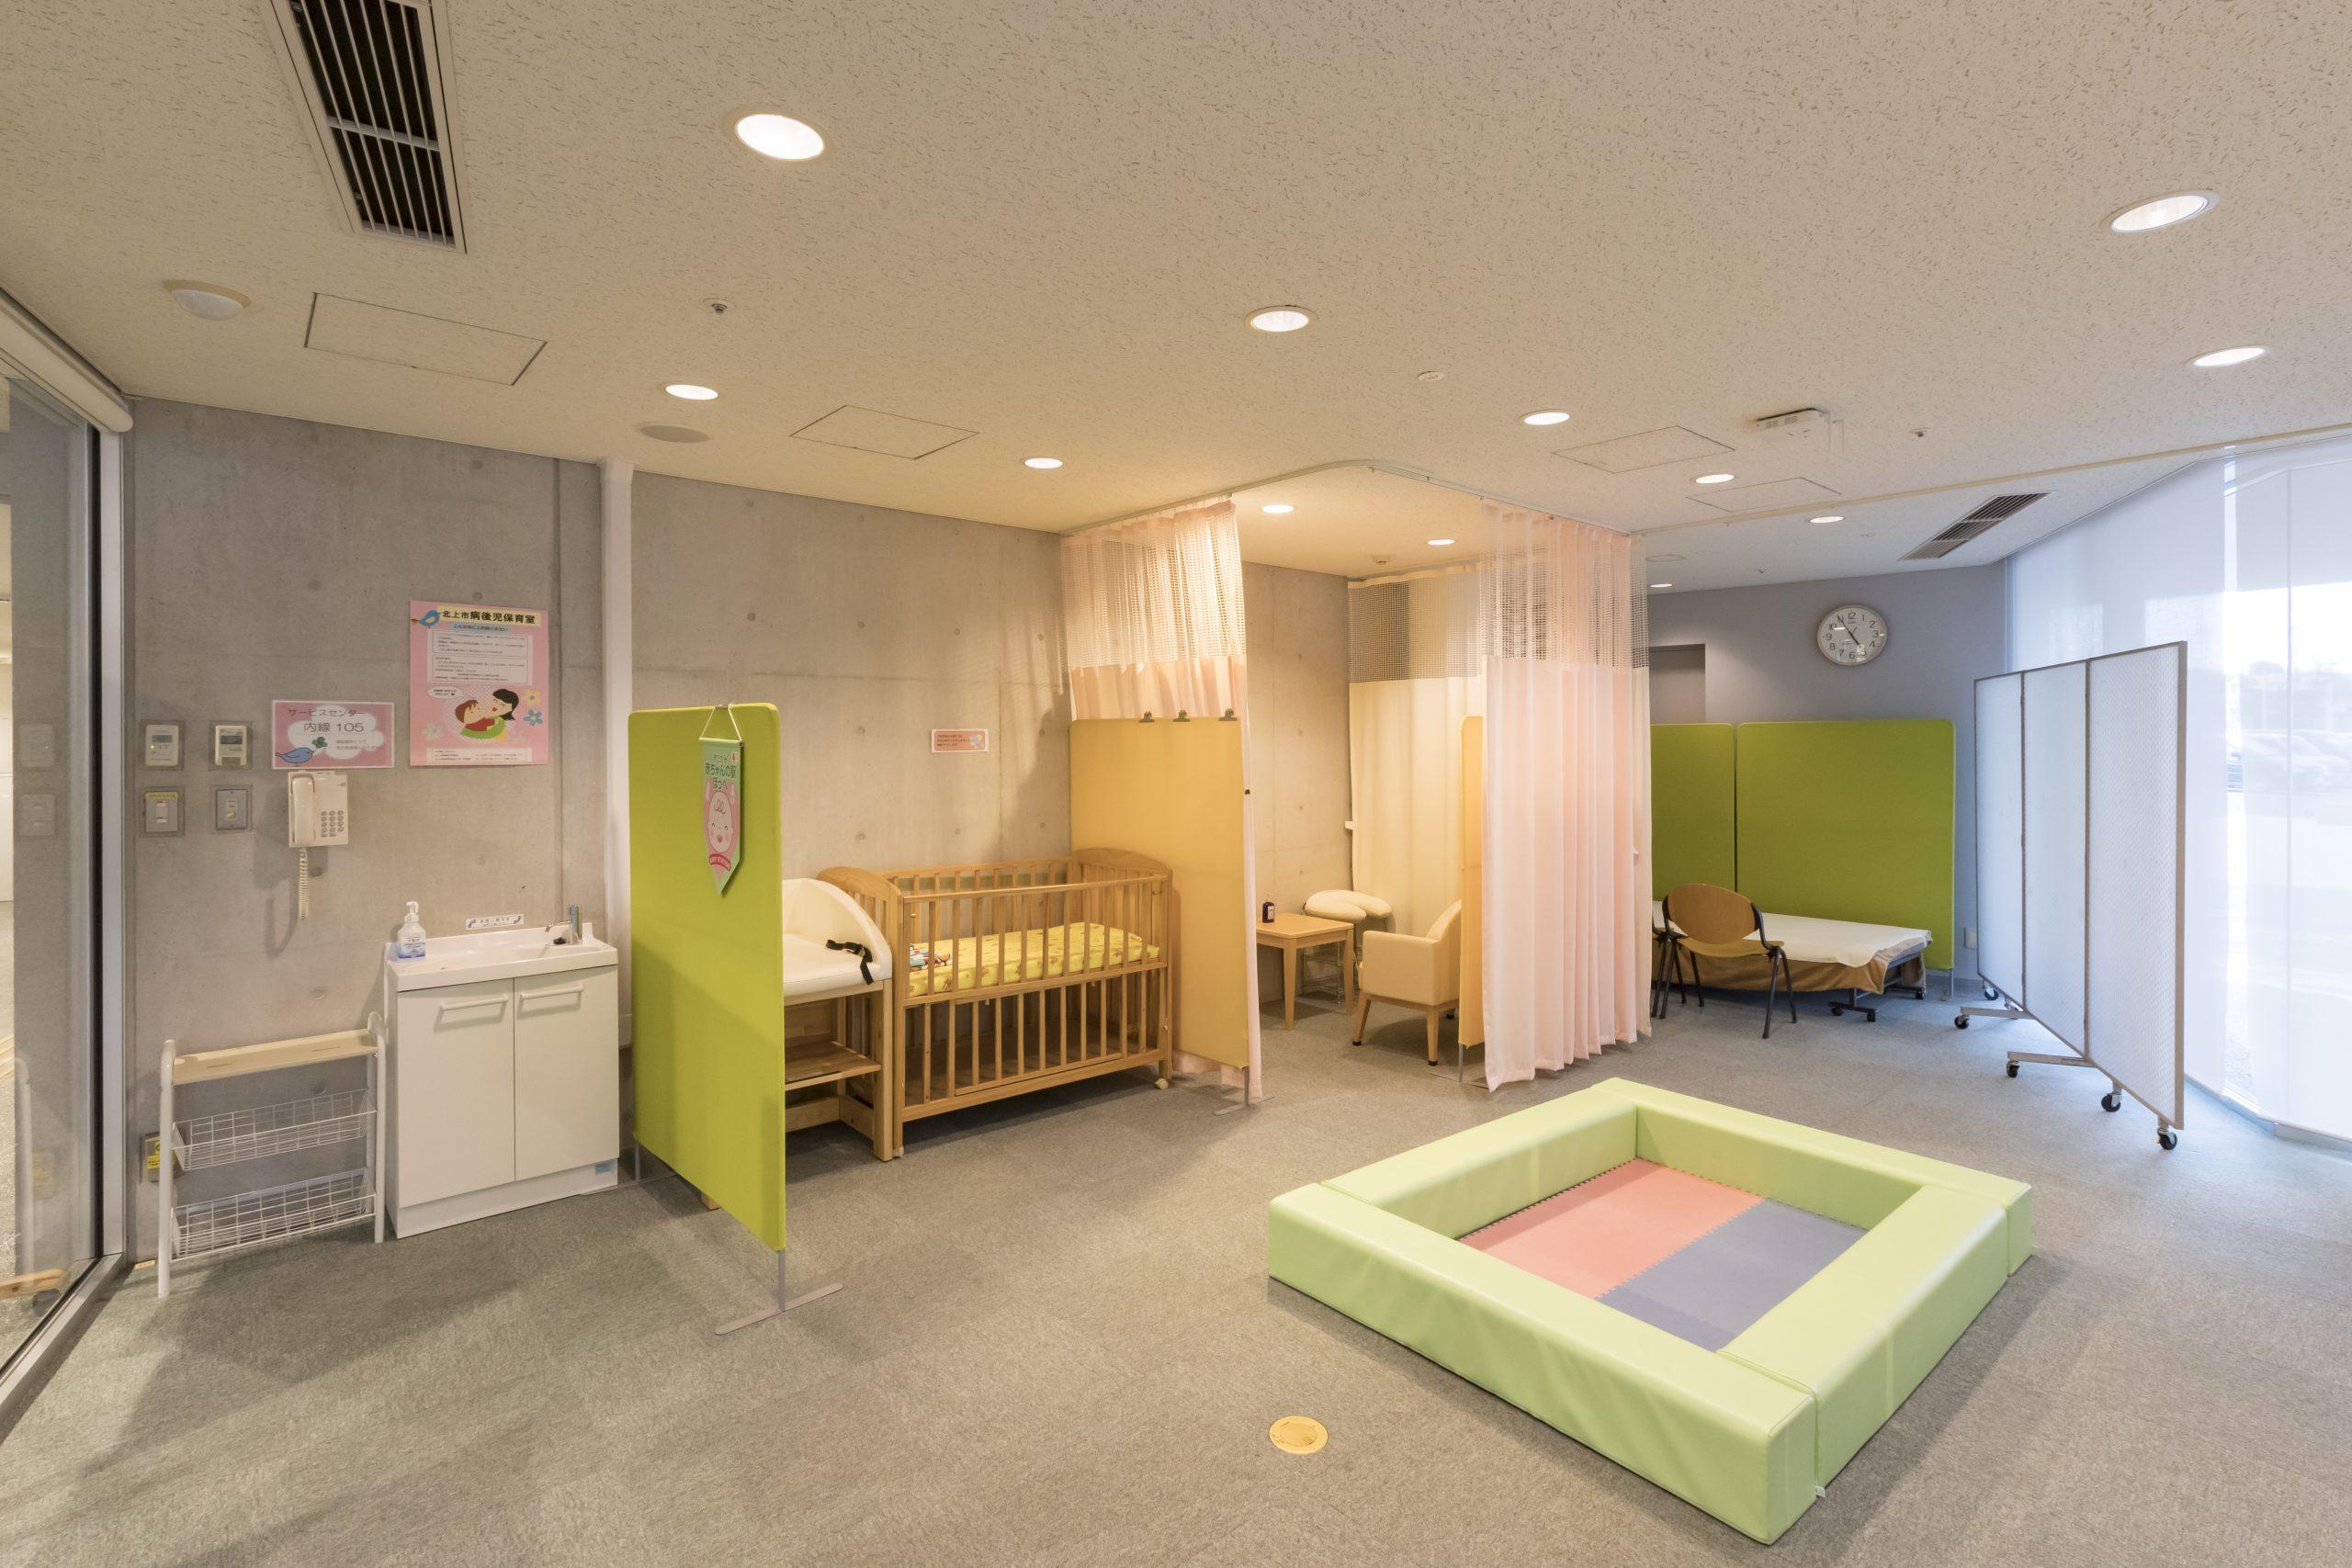 赤ちゃん休憩室&授乳室